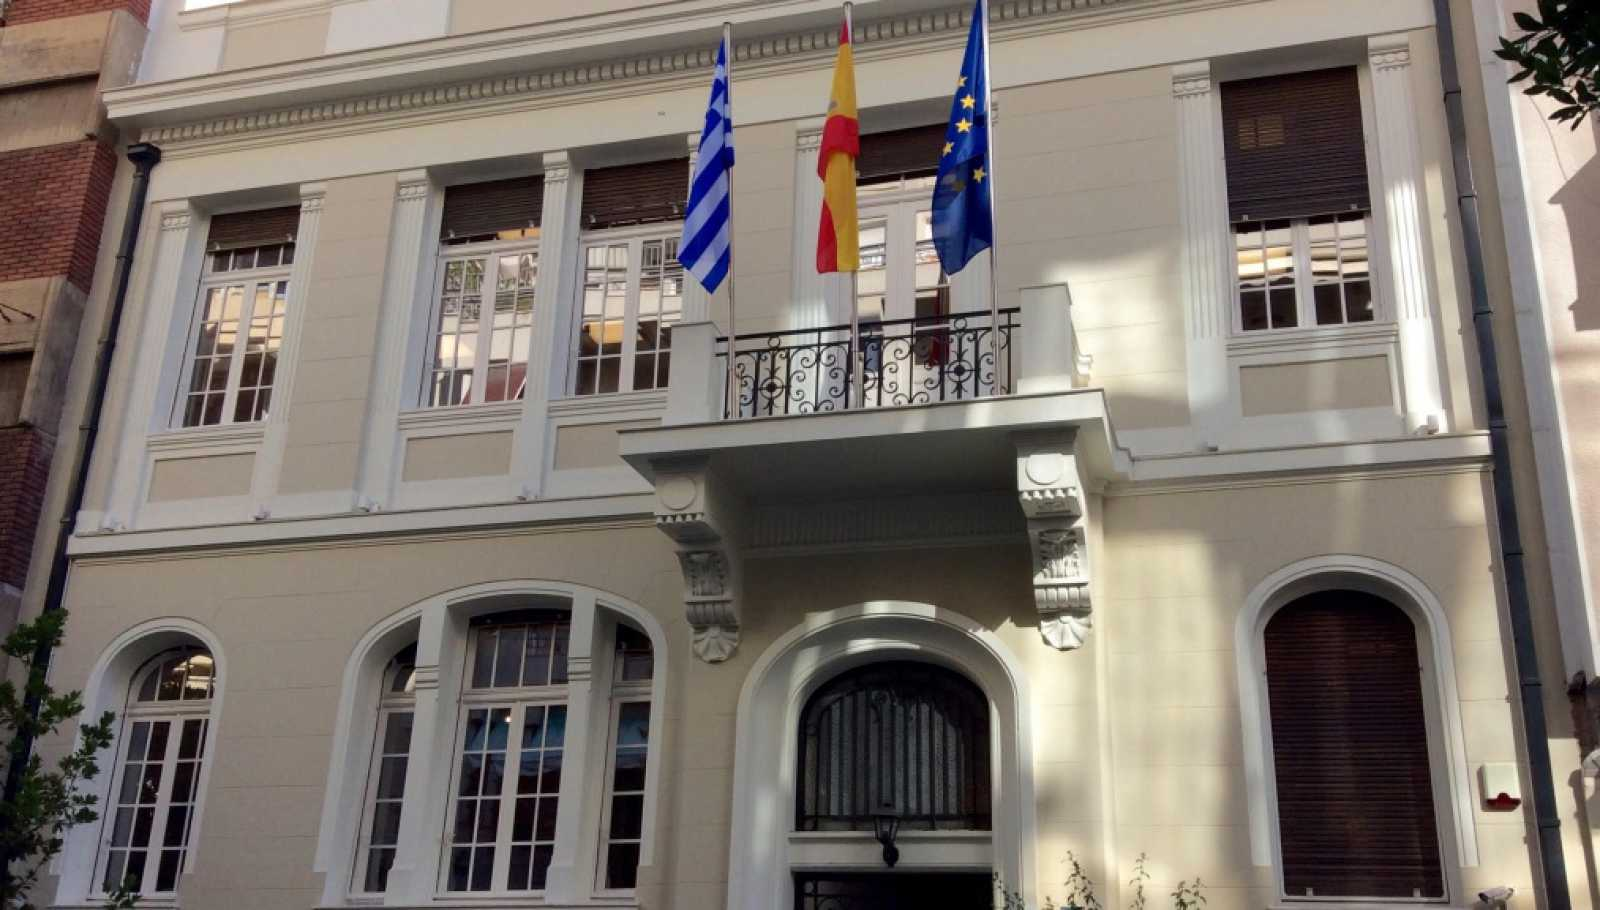 Luz de Sefarad - Enseñanza del Judeo-español en Salónica, Grecia - 26/09/20 - Escuchar ahora